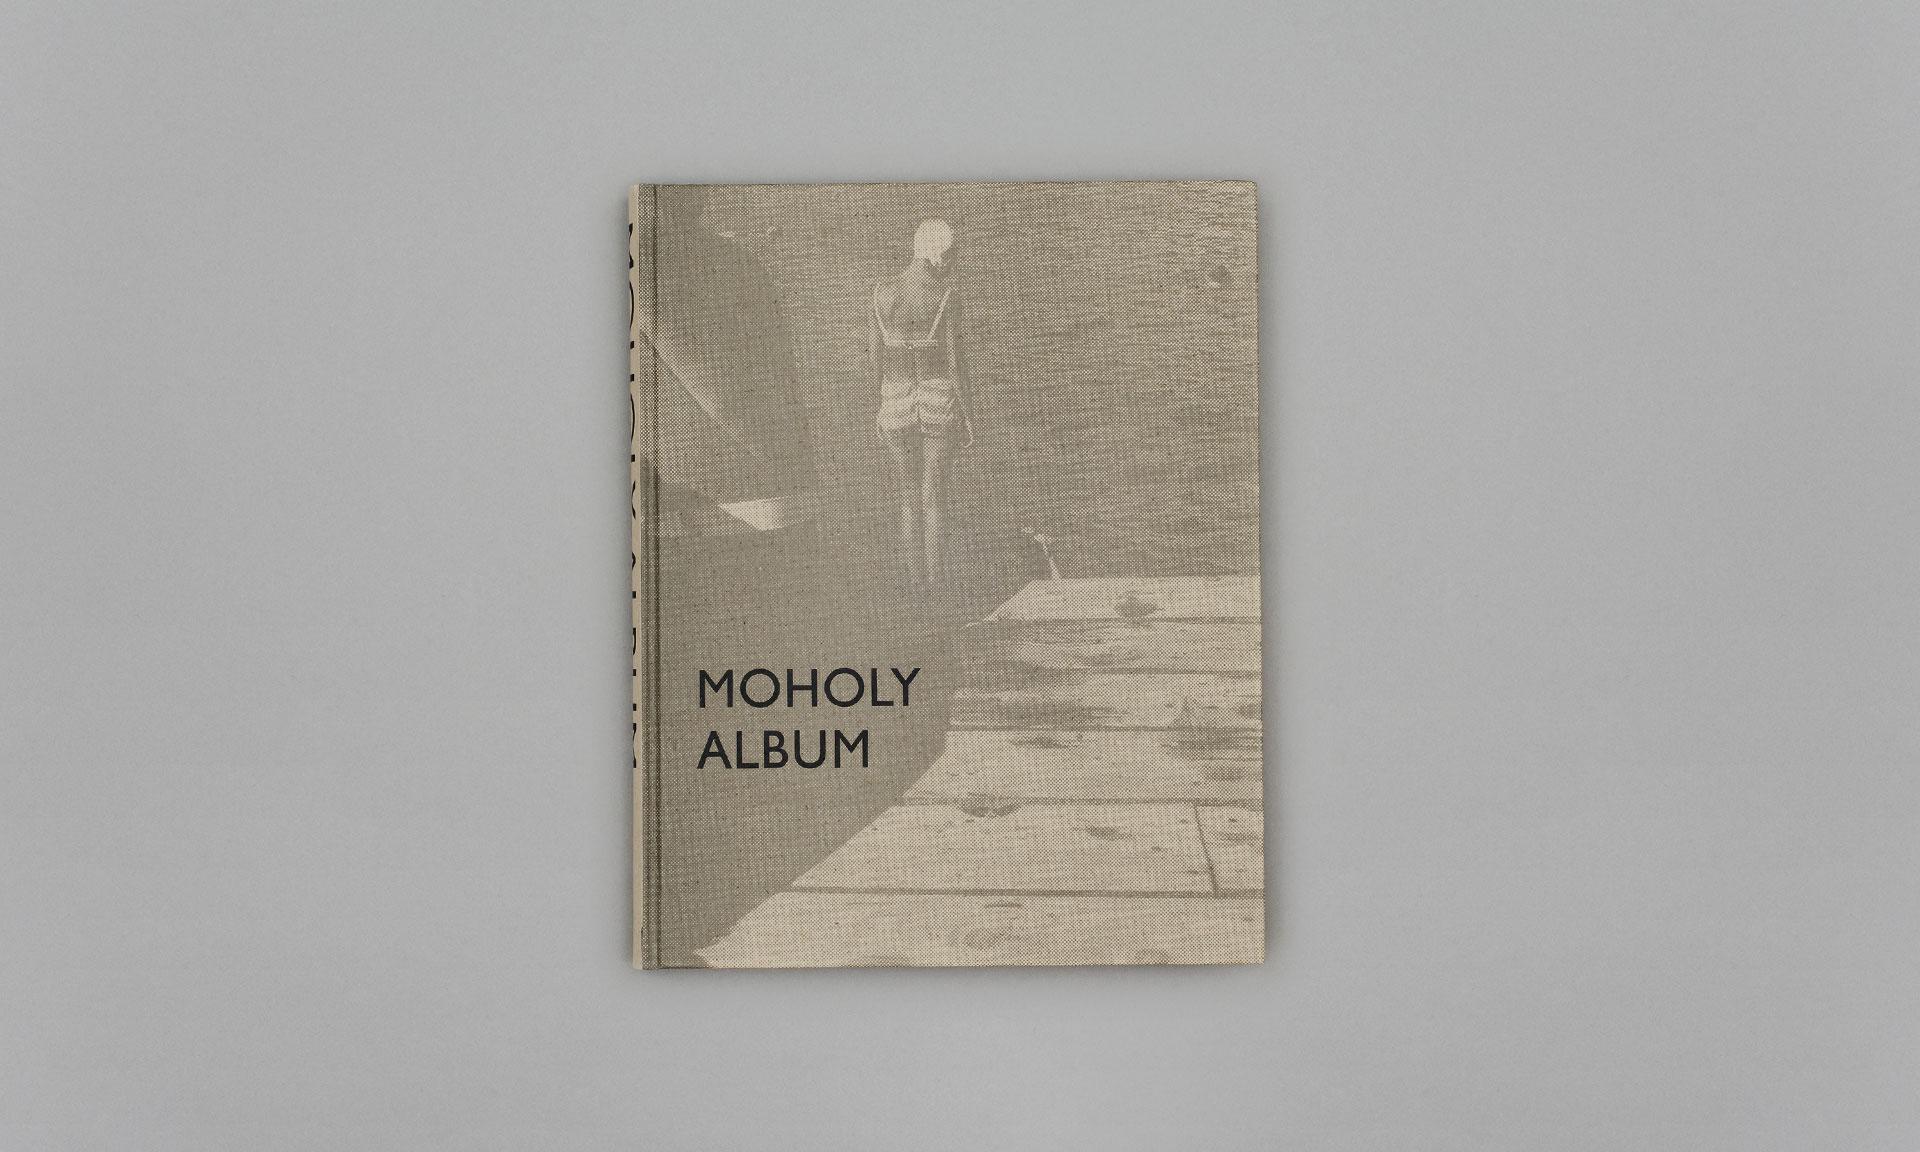 Fiedler_Moholy_05